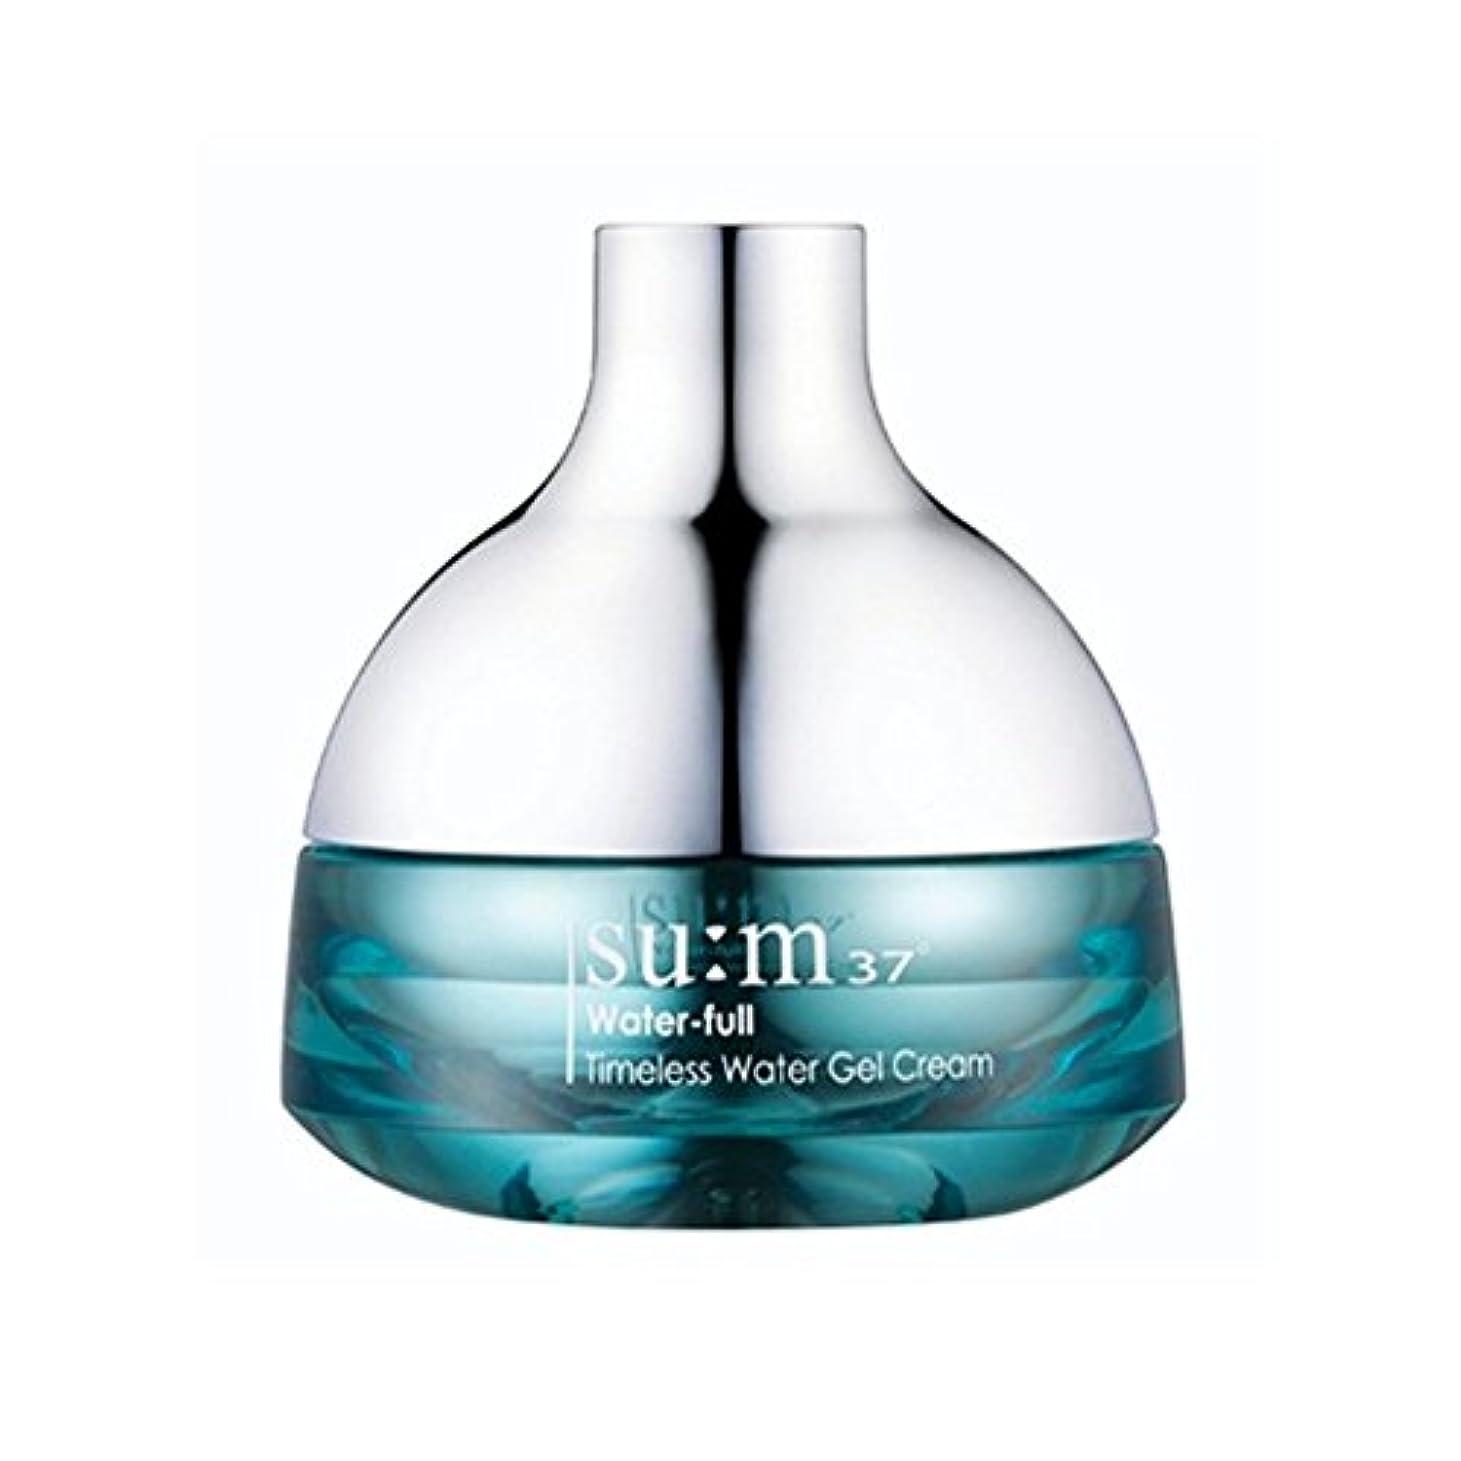 タール耐久悲鳴[su:m37/スム37°] SUM37 Water-full Timeless Water Gel Cream 50ml/WF07 sum37 ウォータフル タイムレス ウォータージェルクリーム 50ml +[Sample...